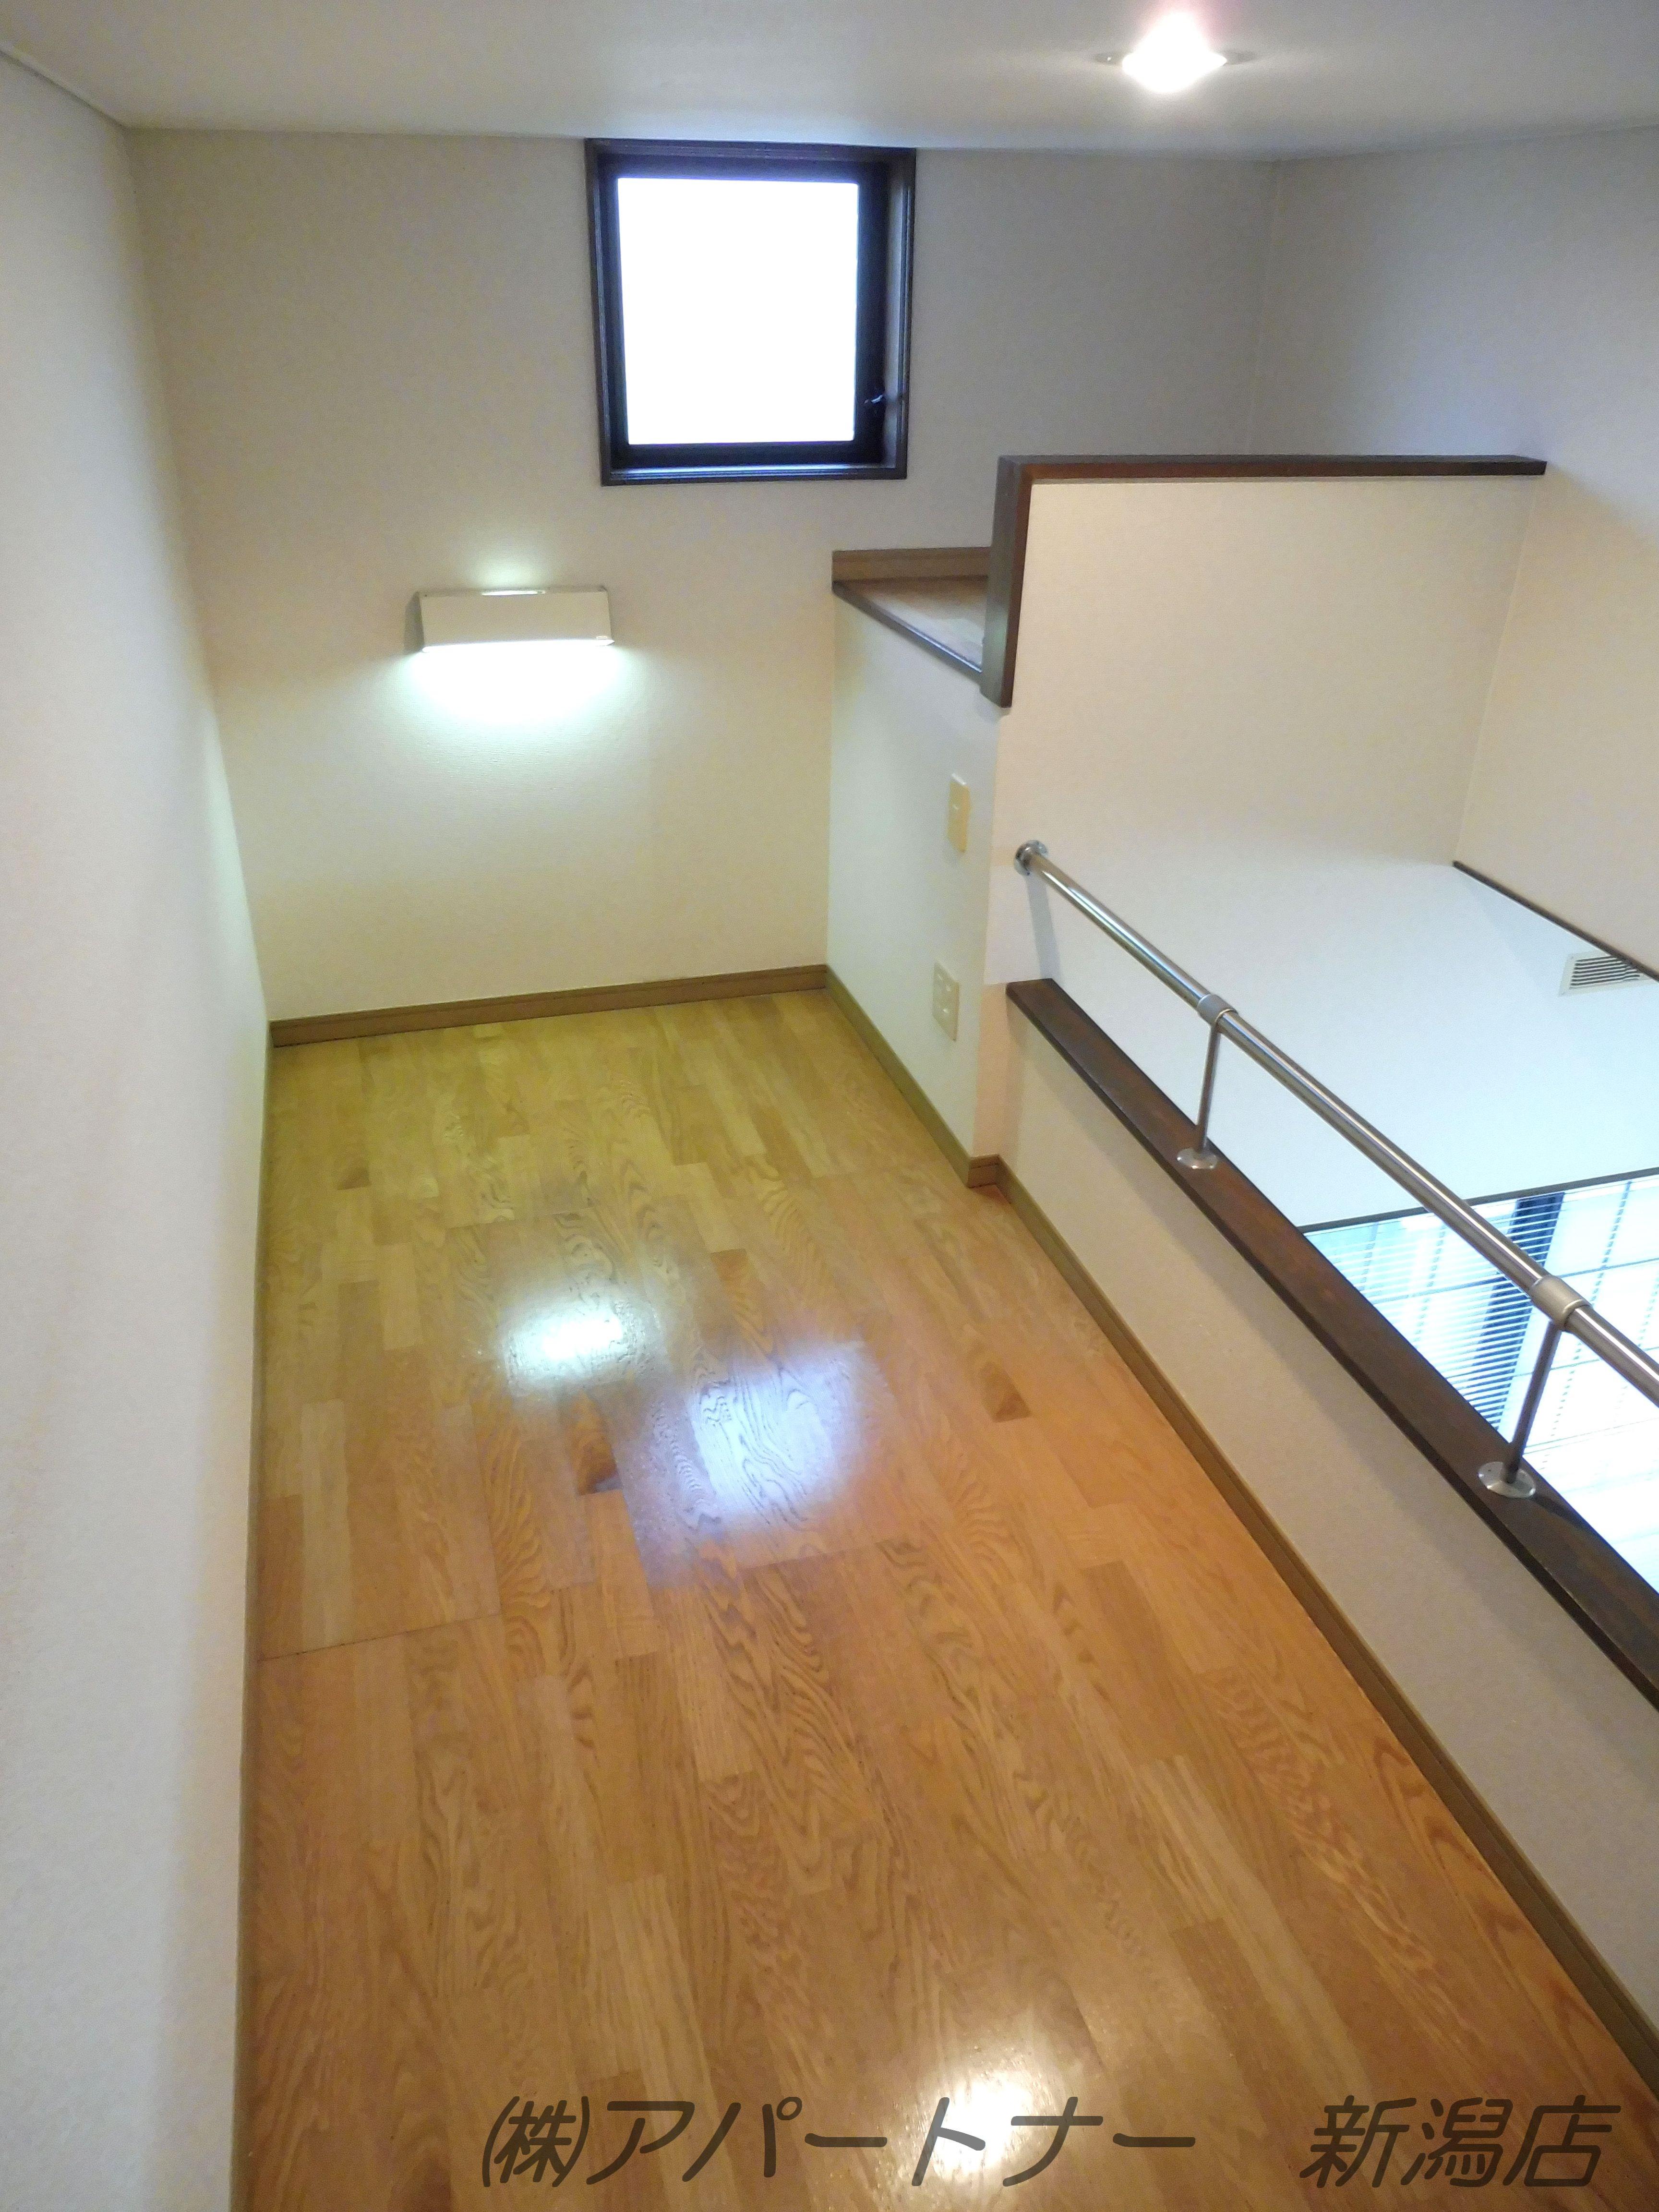 ロフト部分。天井が高いのでかがまずに済むので使いやすいロフトです。